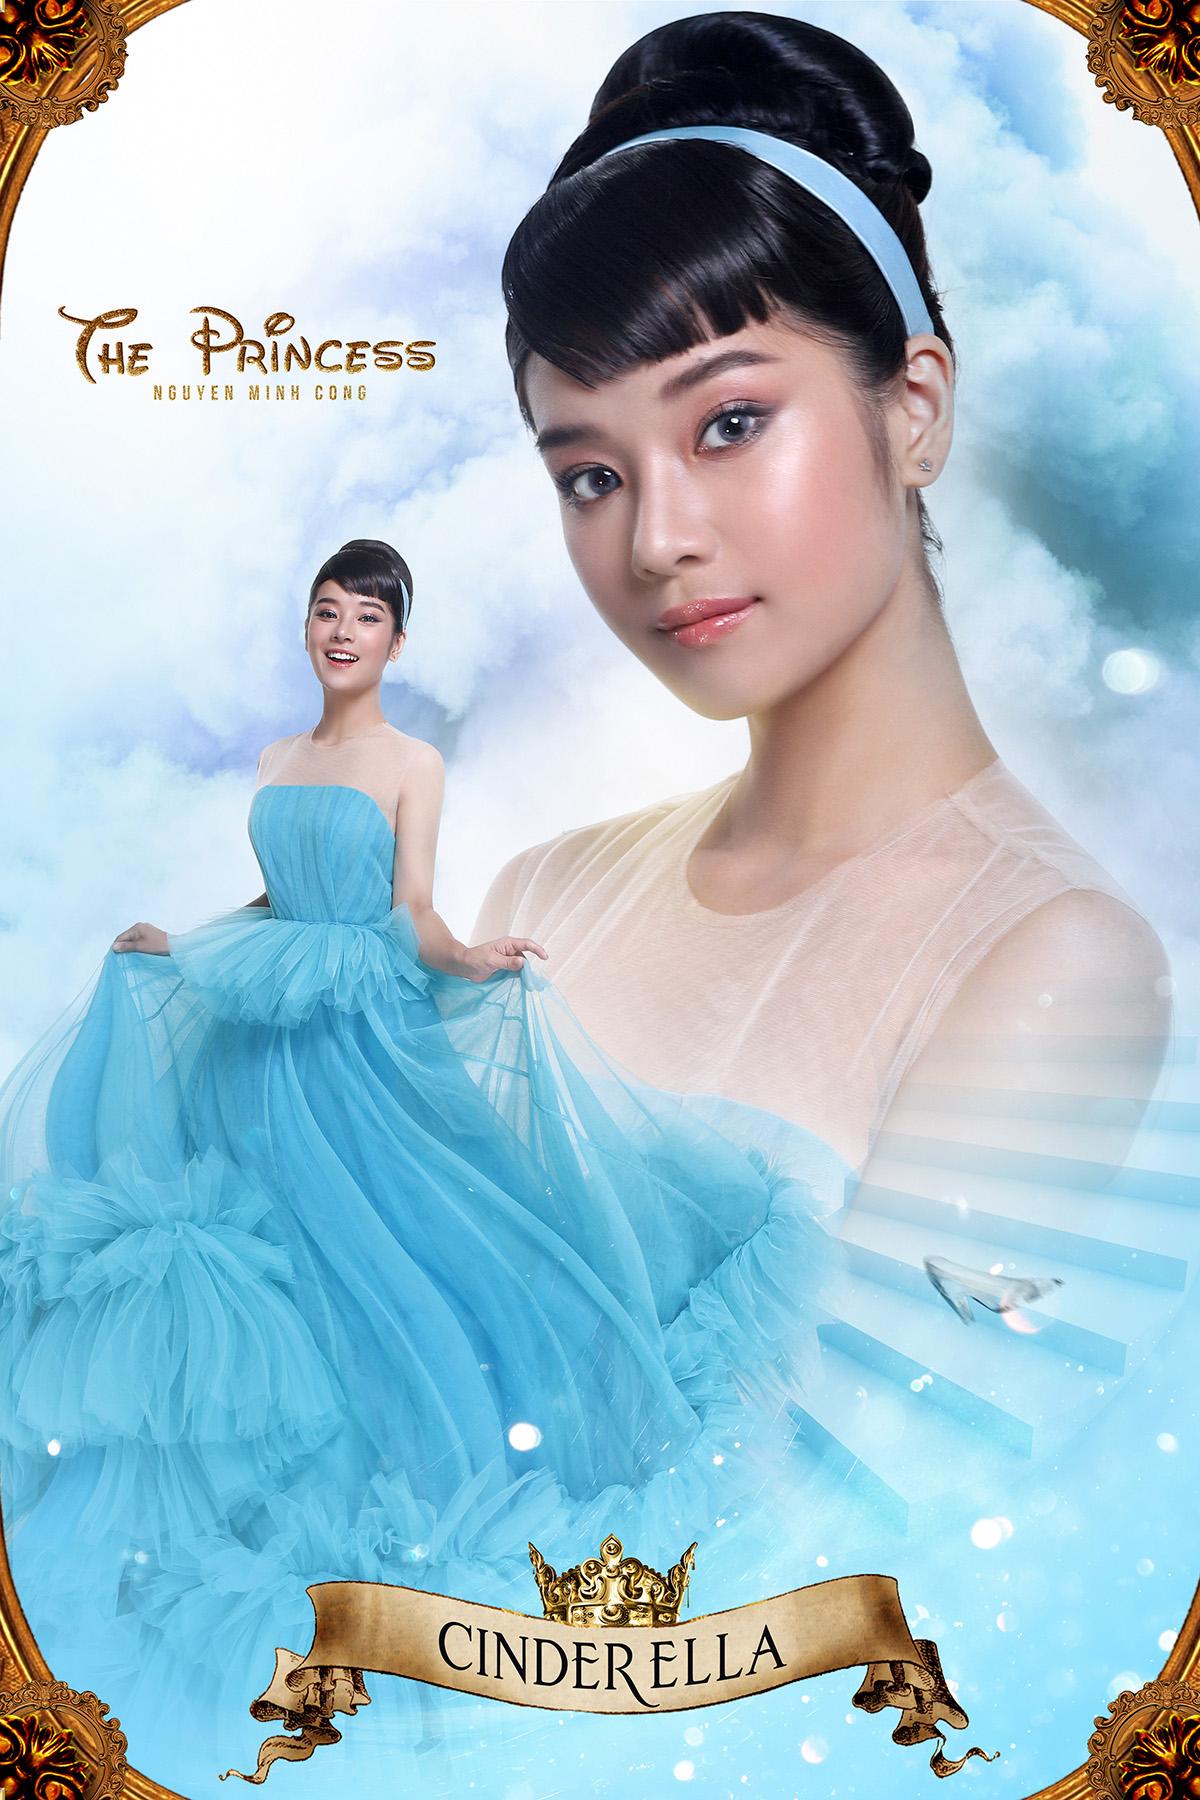 Jun Vũ, Hoàng Yến Chibi, Midu, Amee, Trương Quỳnh Anh hoá công chúa lộng  lẫy trong poster The Princess - Idoltv